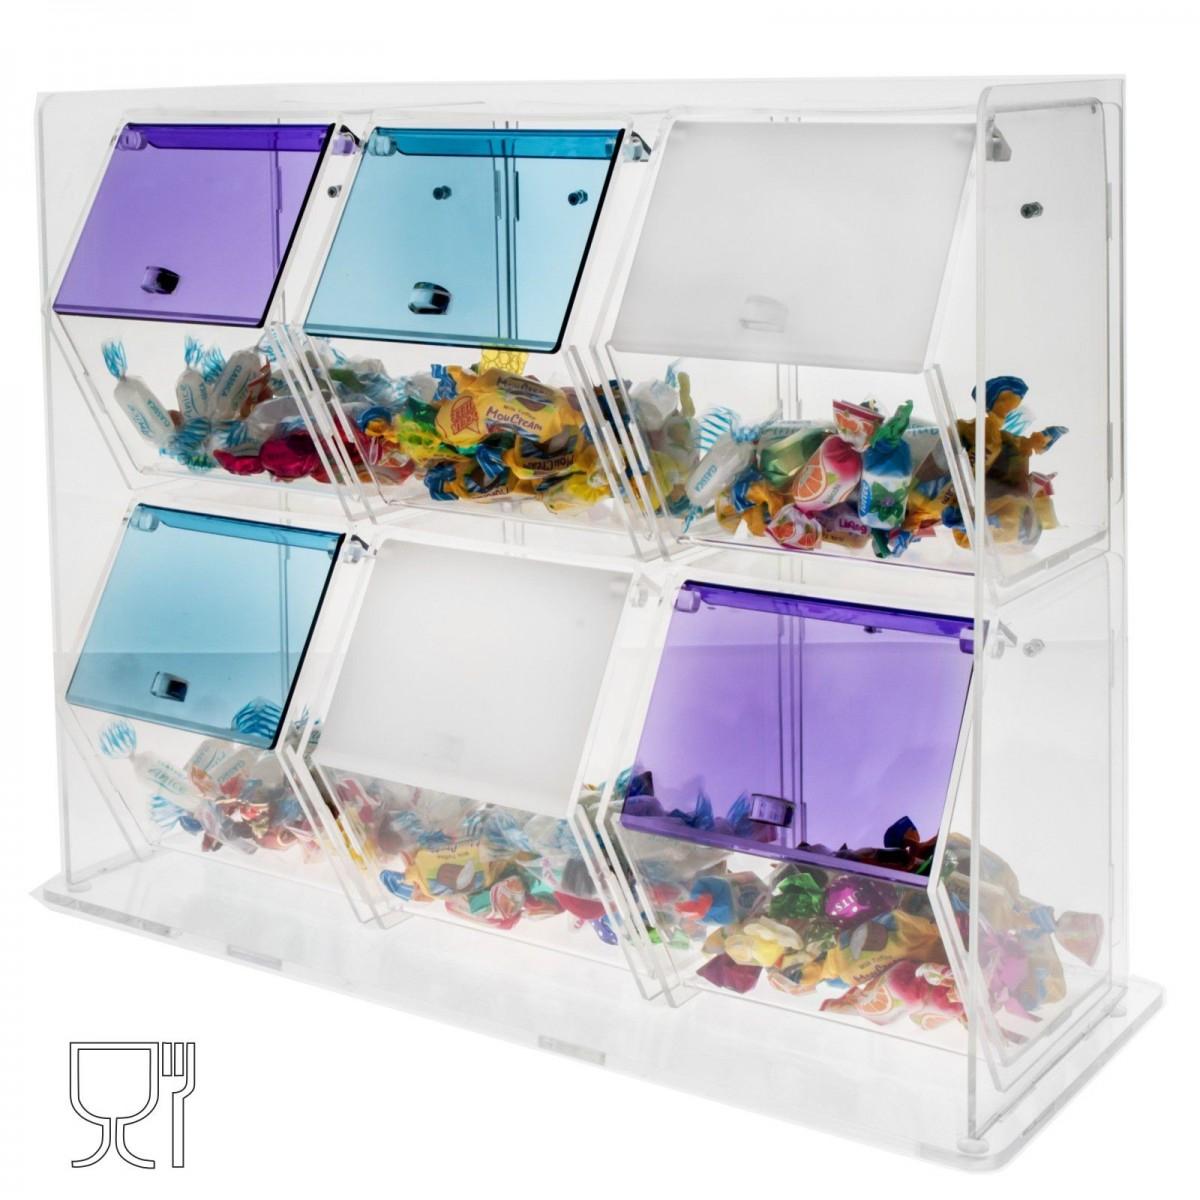 E-055 CG - Porta caramelle in plexiglass trasparente e colorato a cassetti 6 scomparti con sportelli